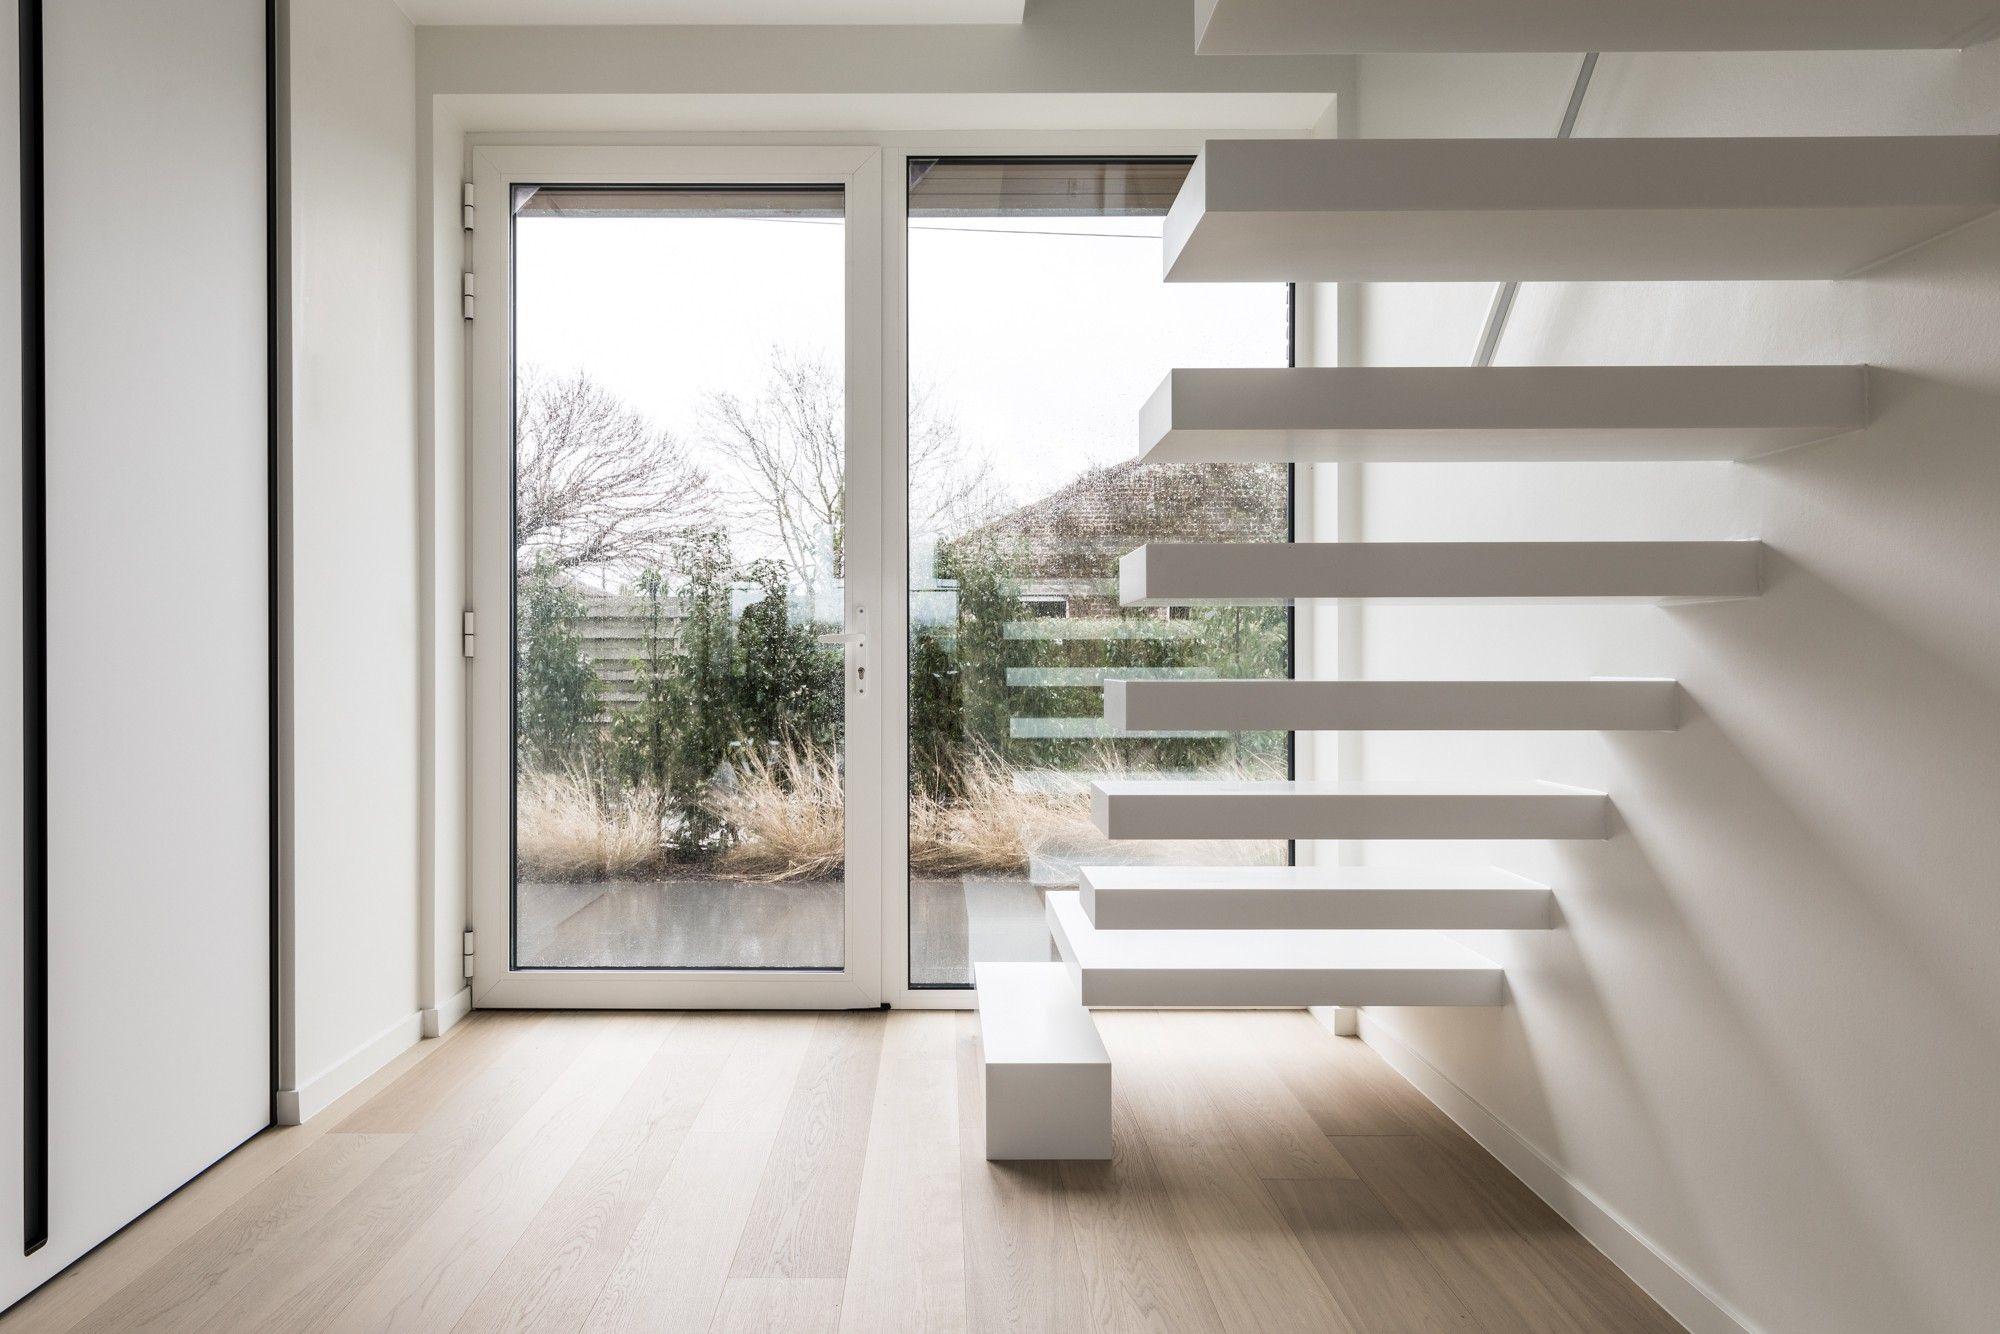 De wallclimber white is een witte zwevende trap constructie van